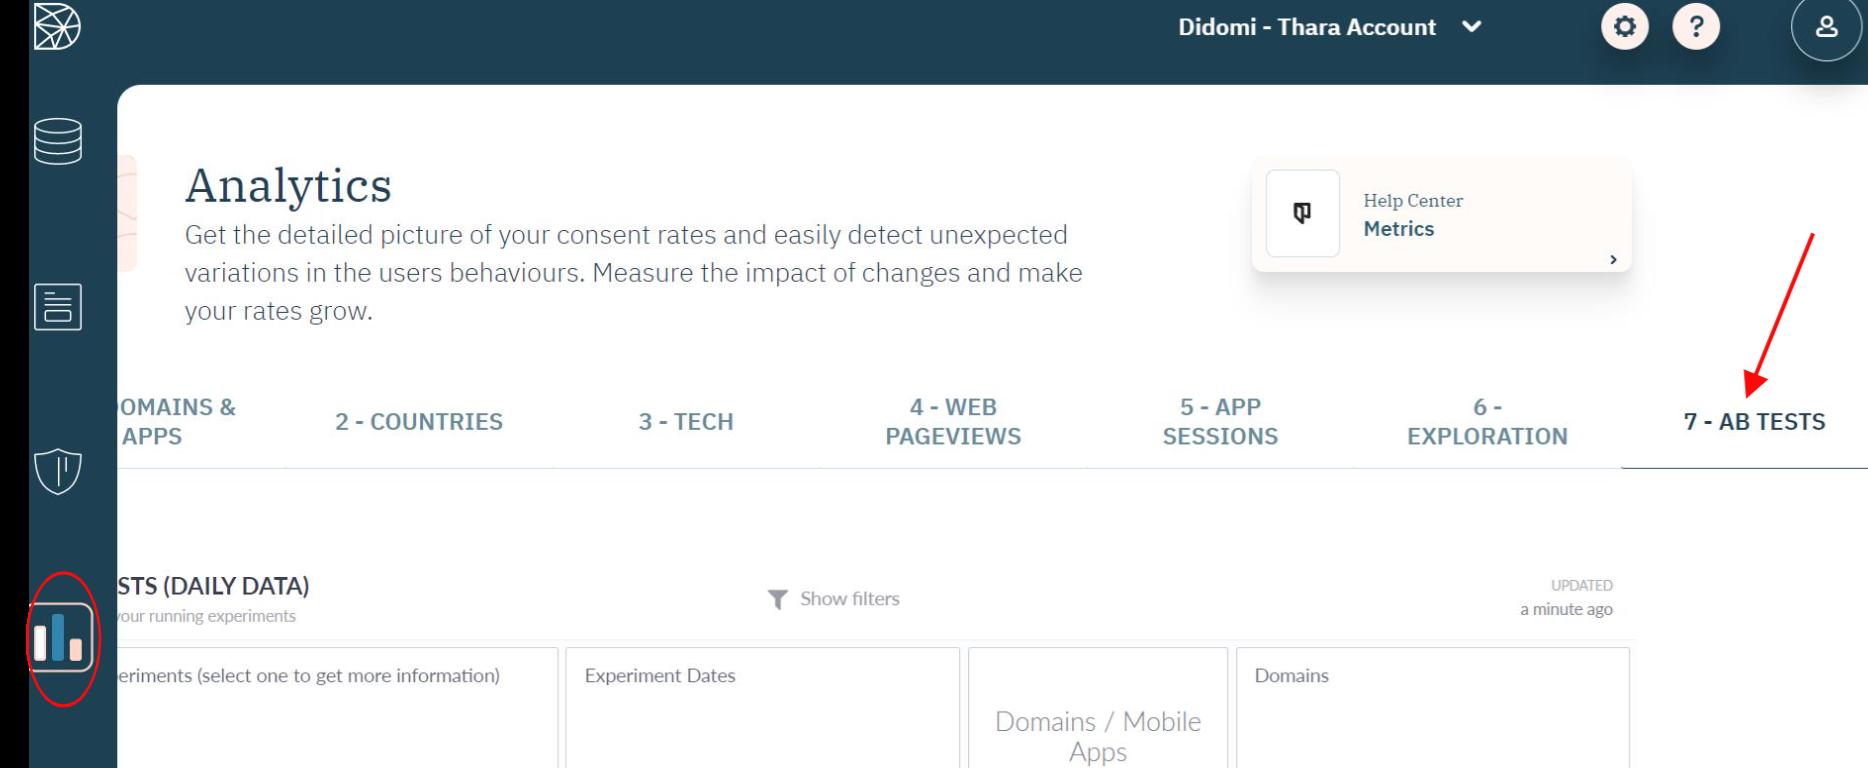 Didomi Compliance Console et 9 pages de plus - Personnel – Microsoft_ Edge 2021-06-25 at 12.18.28 PM